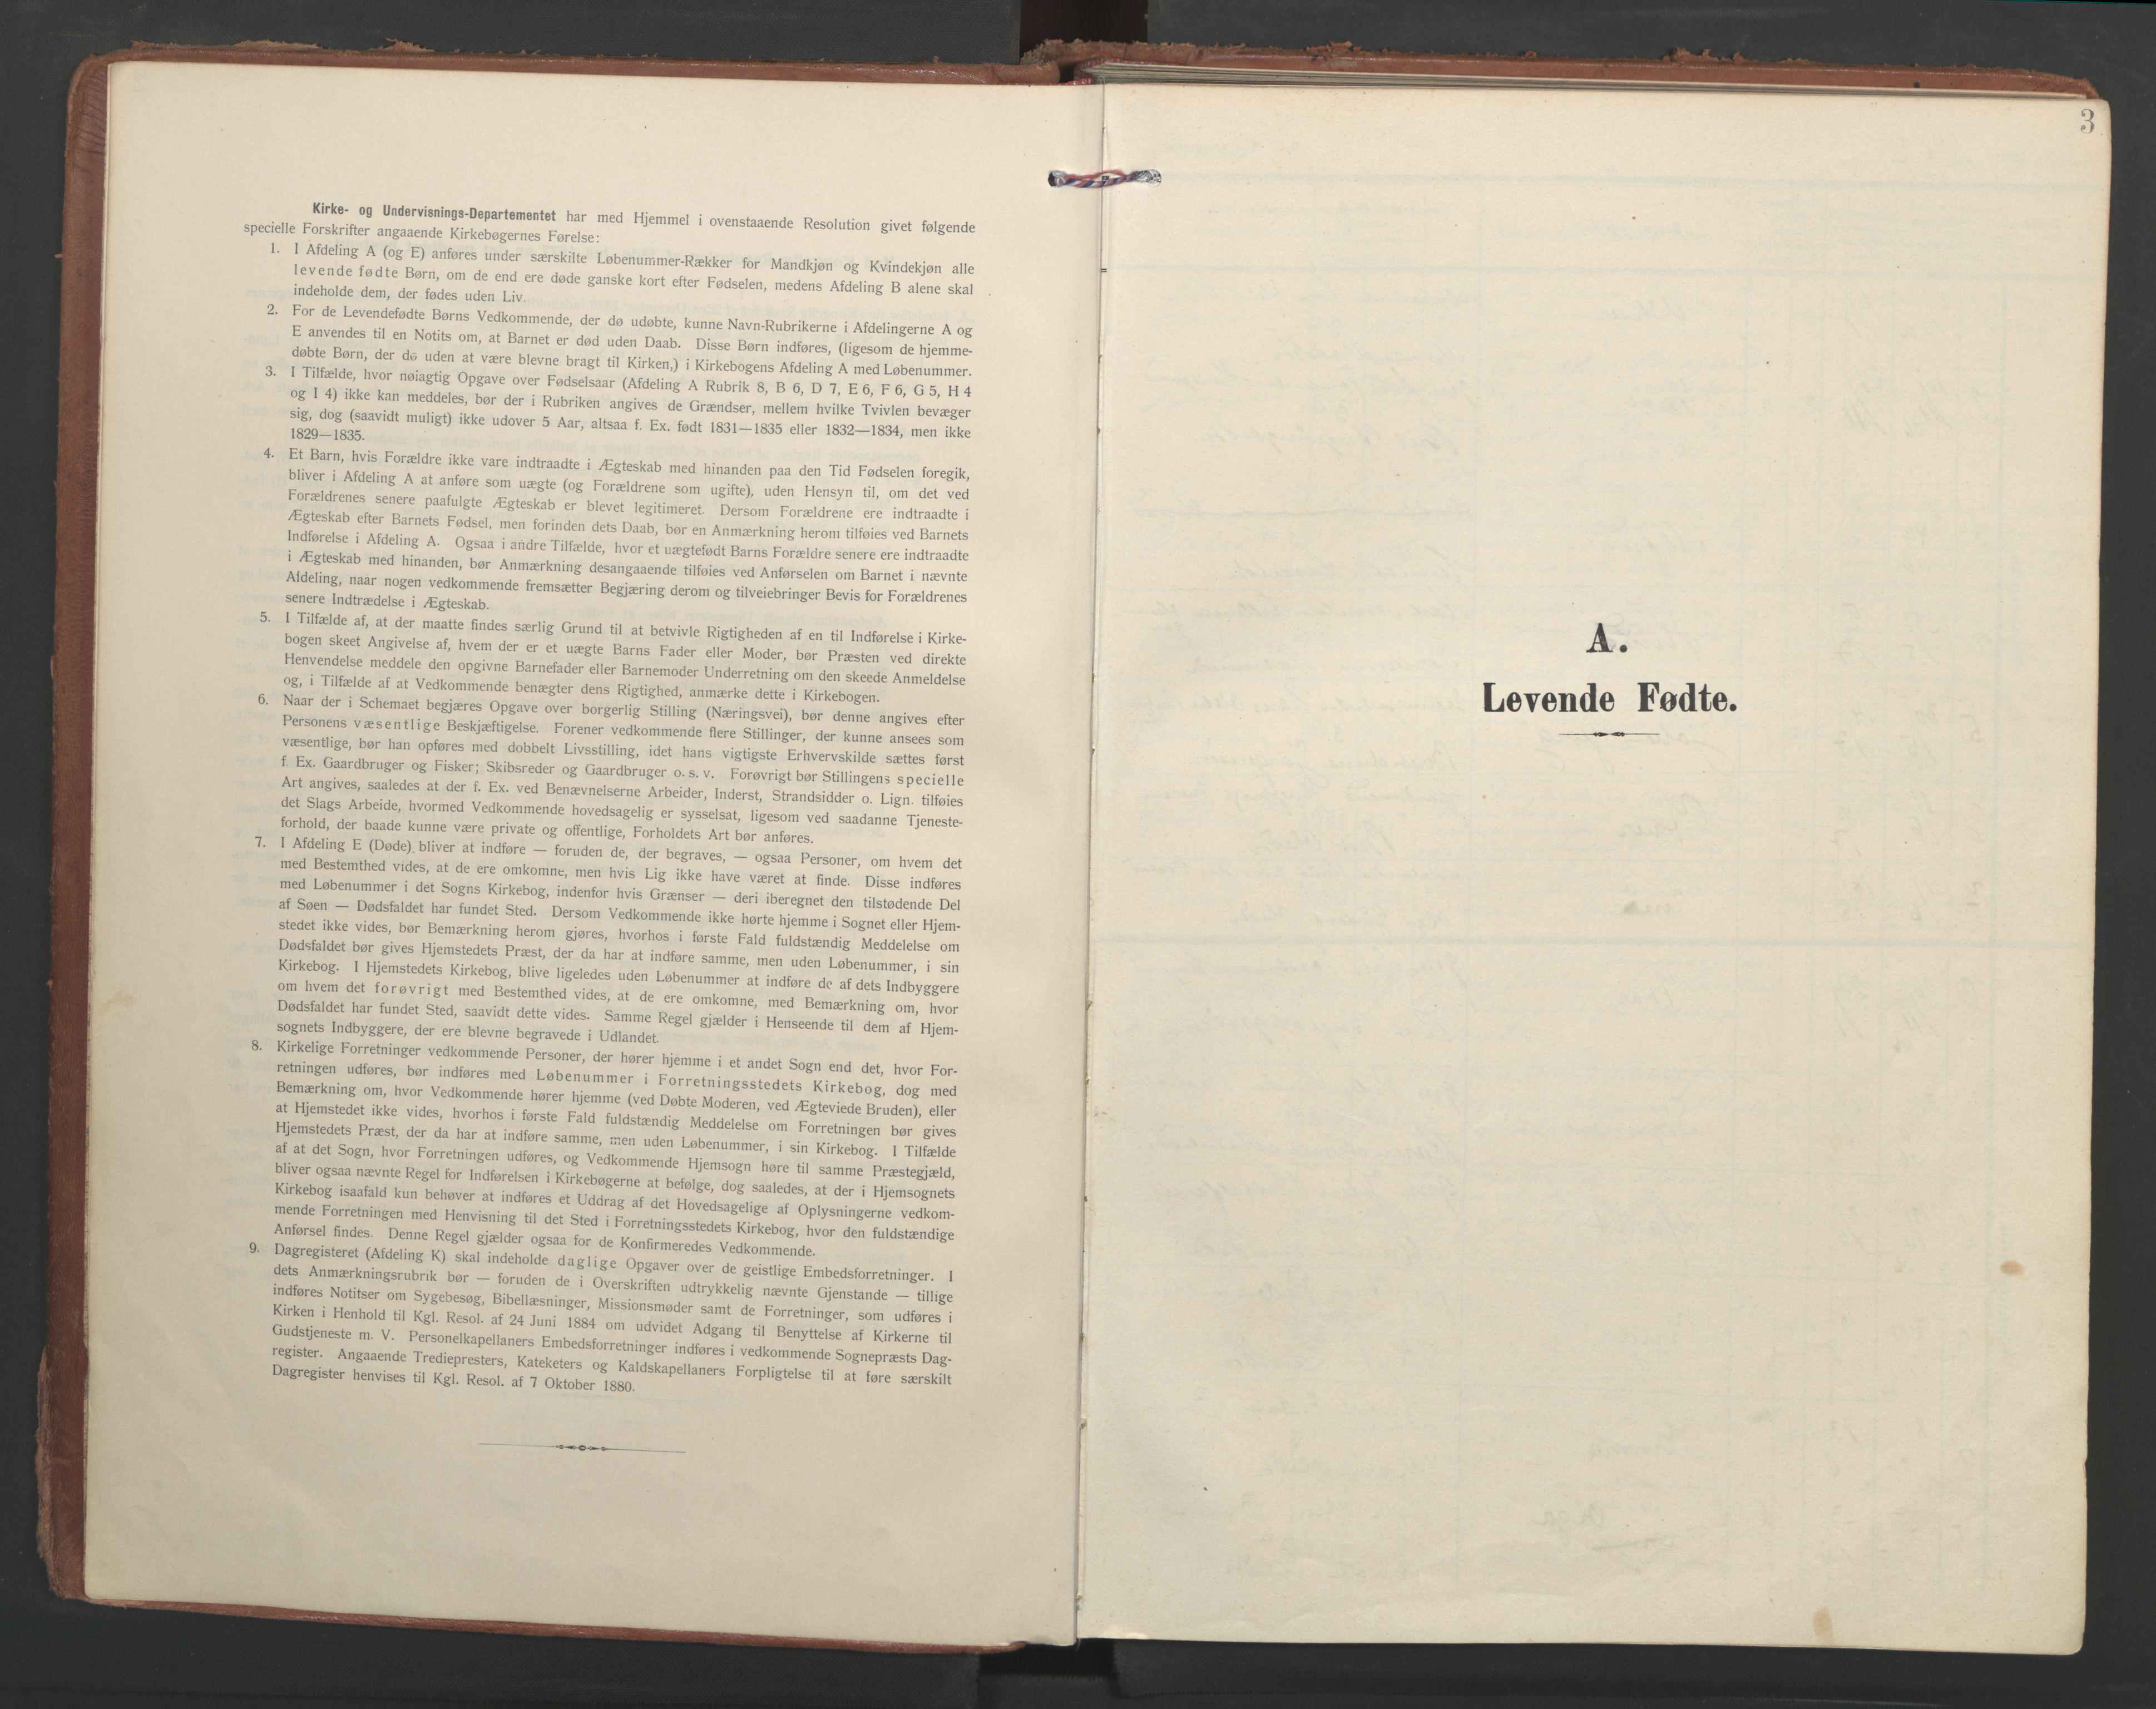 SAT, Ministerialprotokoller, klokkerbøker og fødselsregistre - Møre og Romsdal, 547/L0605: Ministerialbok nr. 547A07, 1907-1936, s. 3